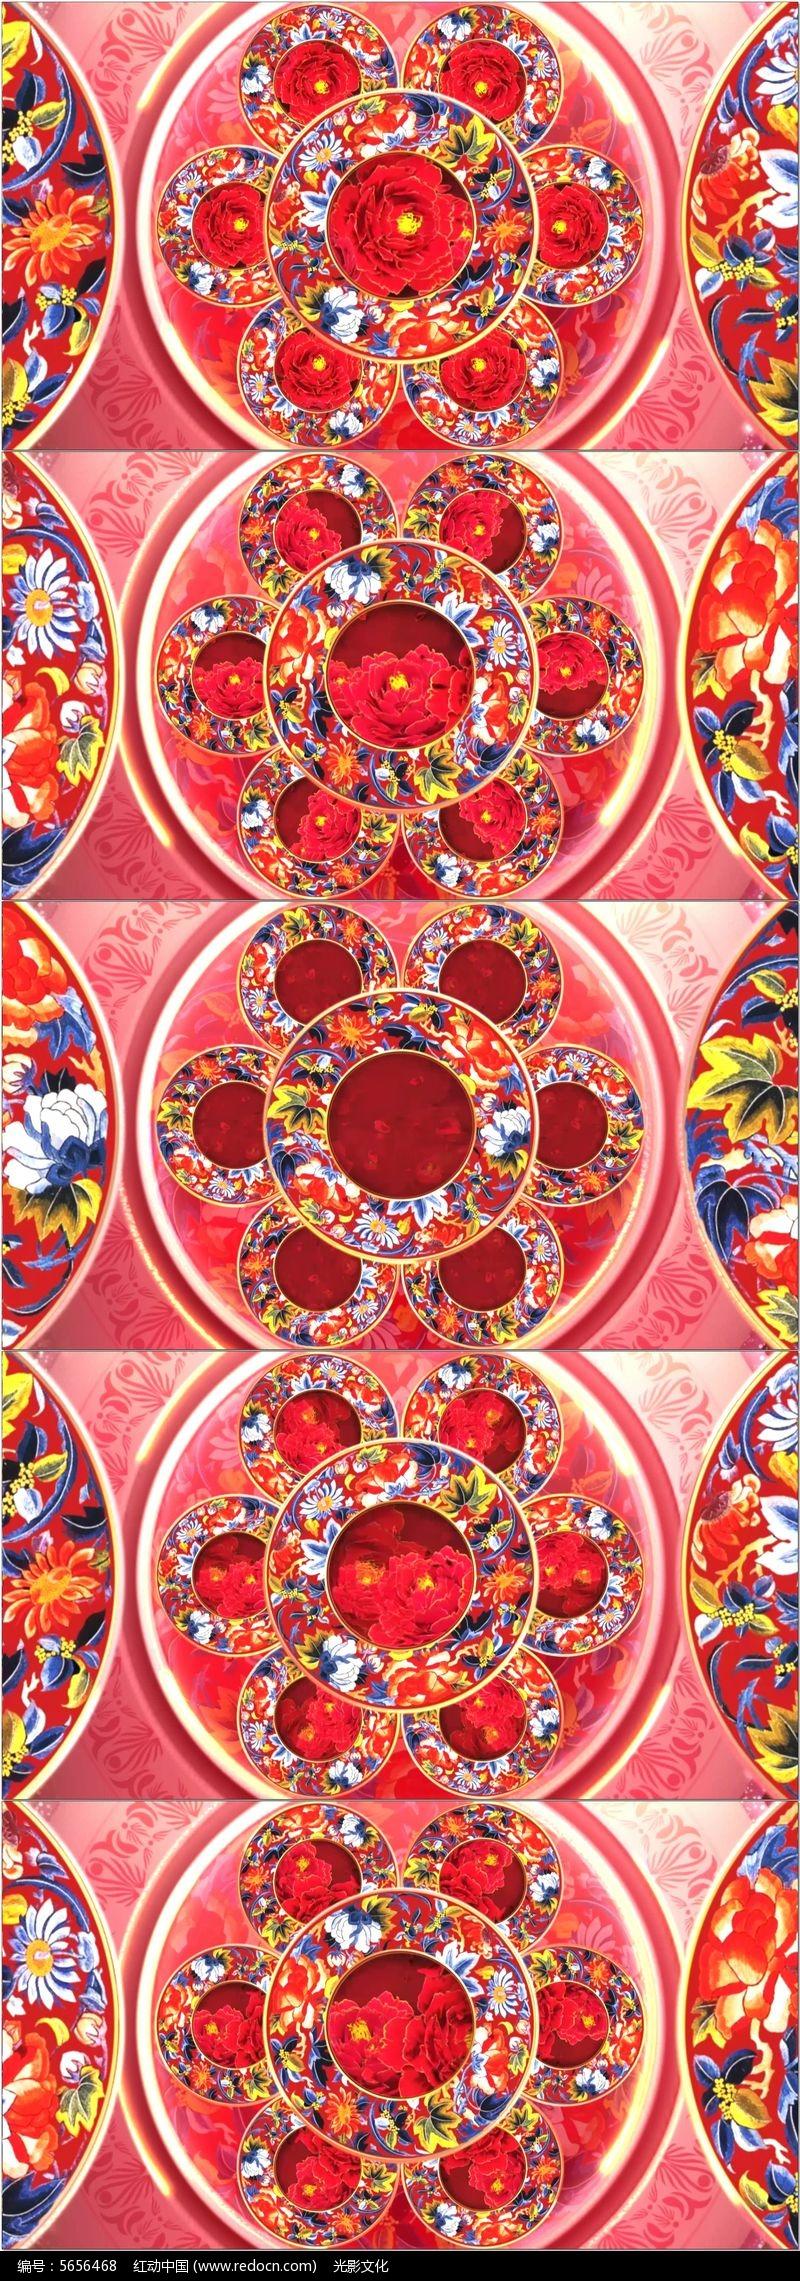 中国红舞台网_中国文化歌曲舞蹈演出舞台led视频_红动网